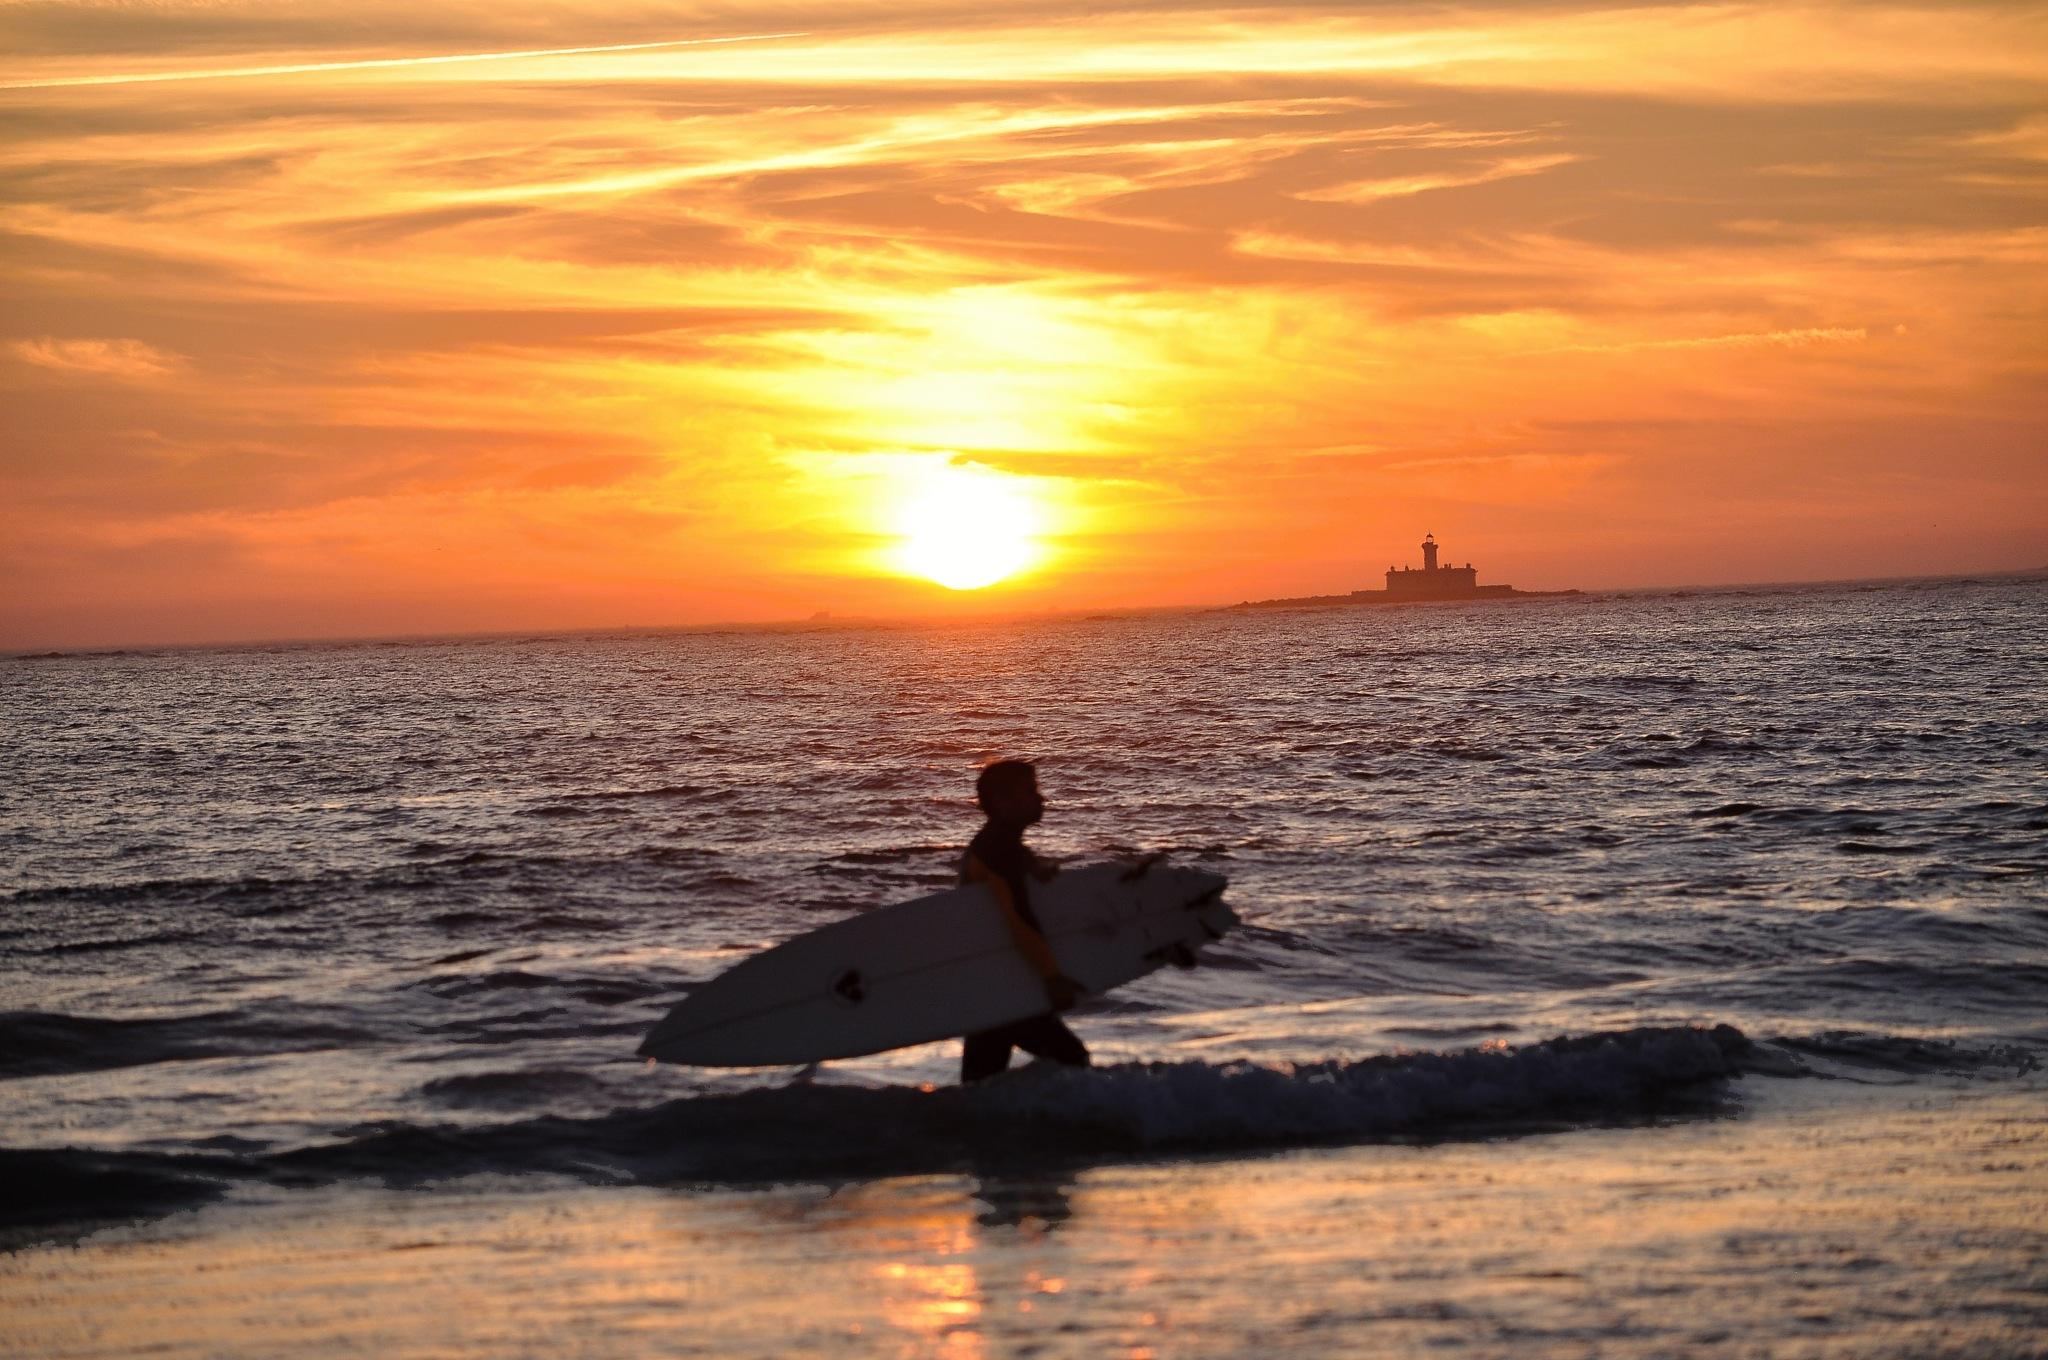 sol surf e natureza by Jorge Cascalho